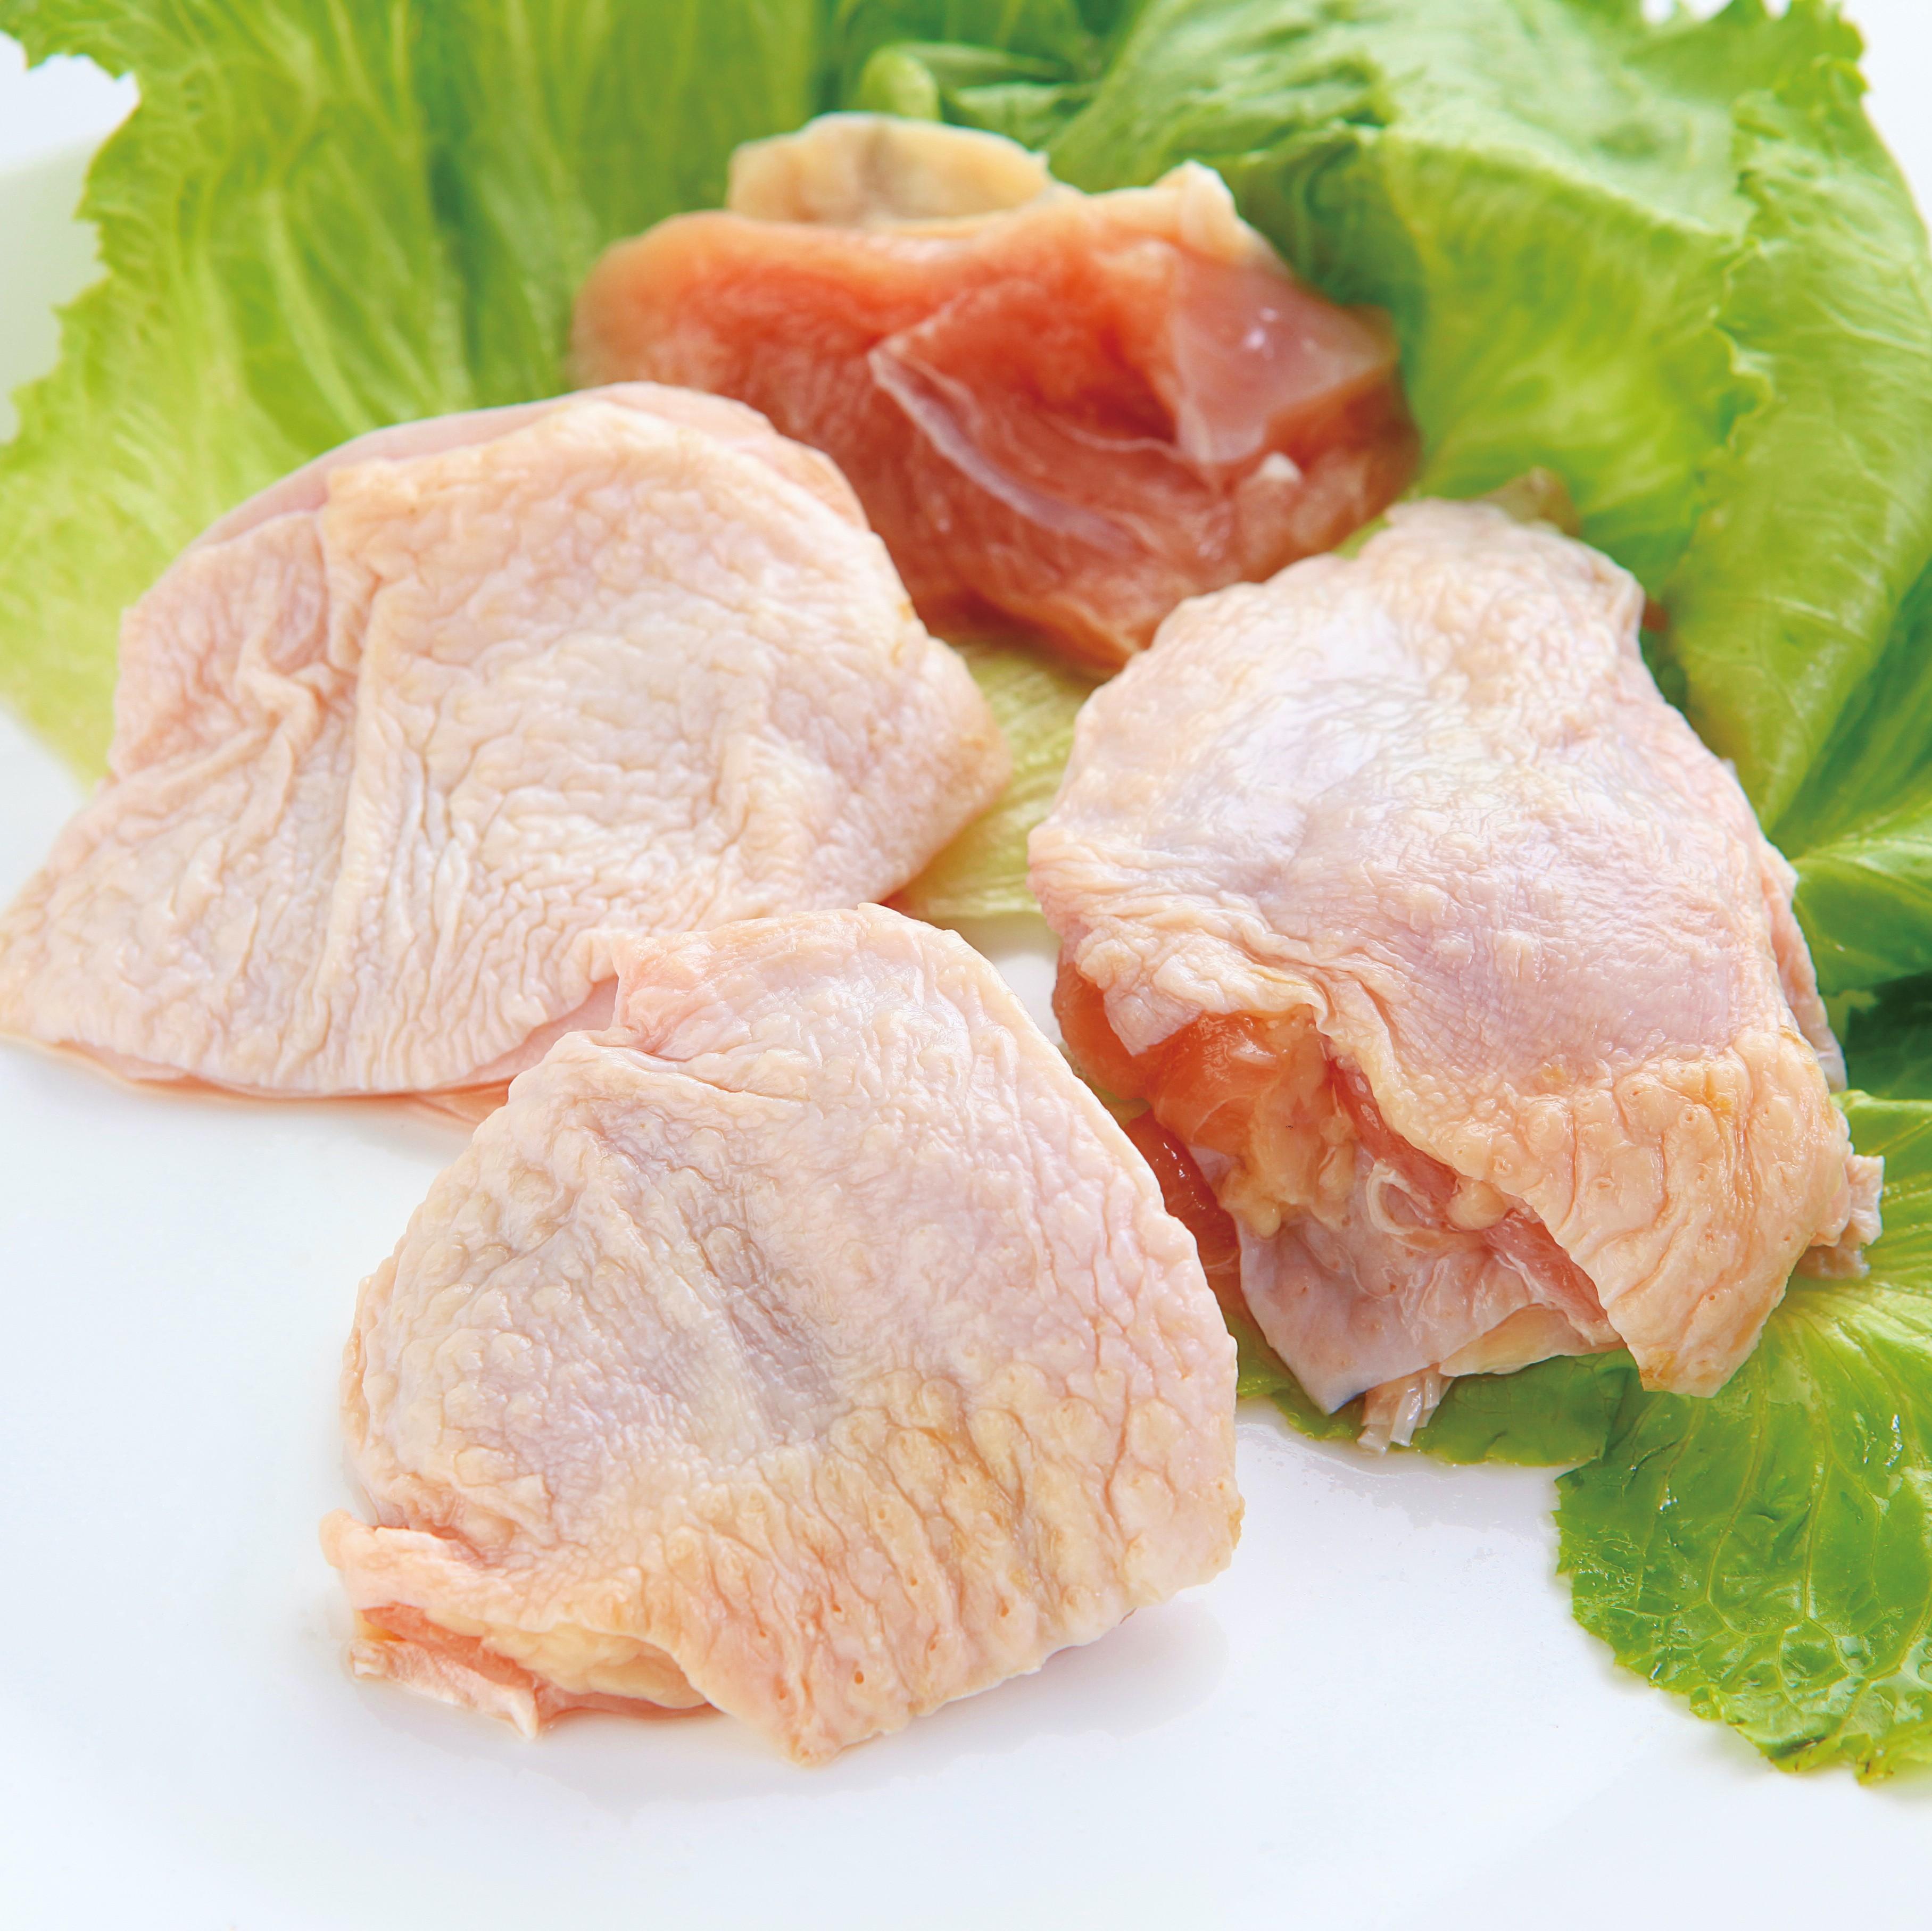 帶皮去骨雞腿排肉(45~55g/塊) 3kg